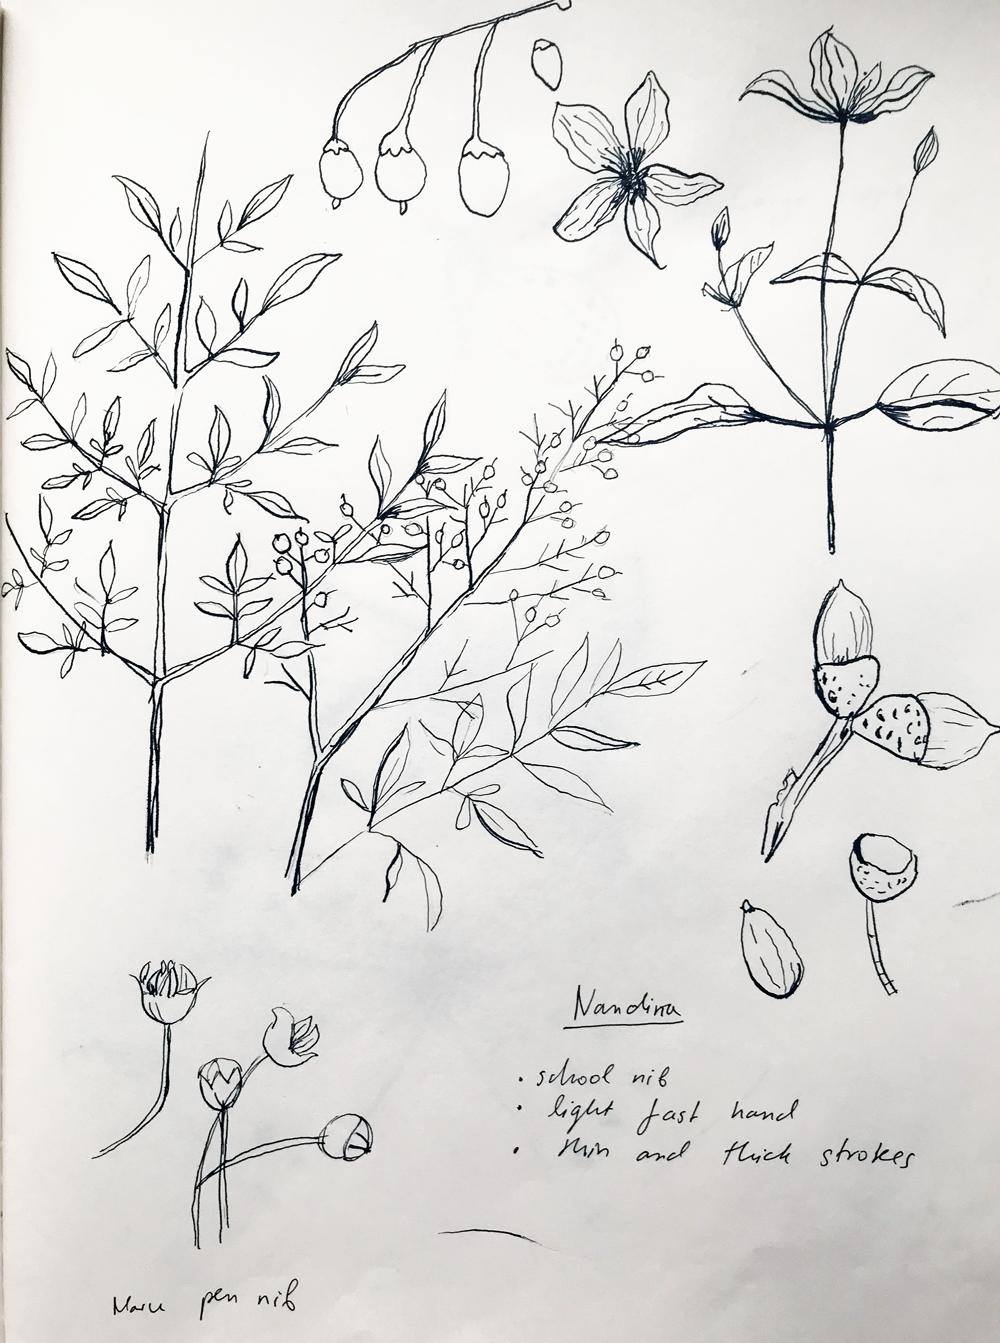 Figure 1.  Botanical Sketchbook Studies,  2017. Draft pencil, ink and various Zig dip pen nibs on paper.